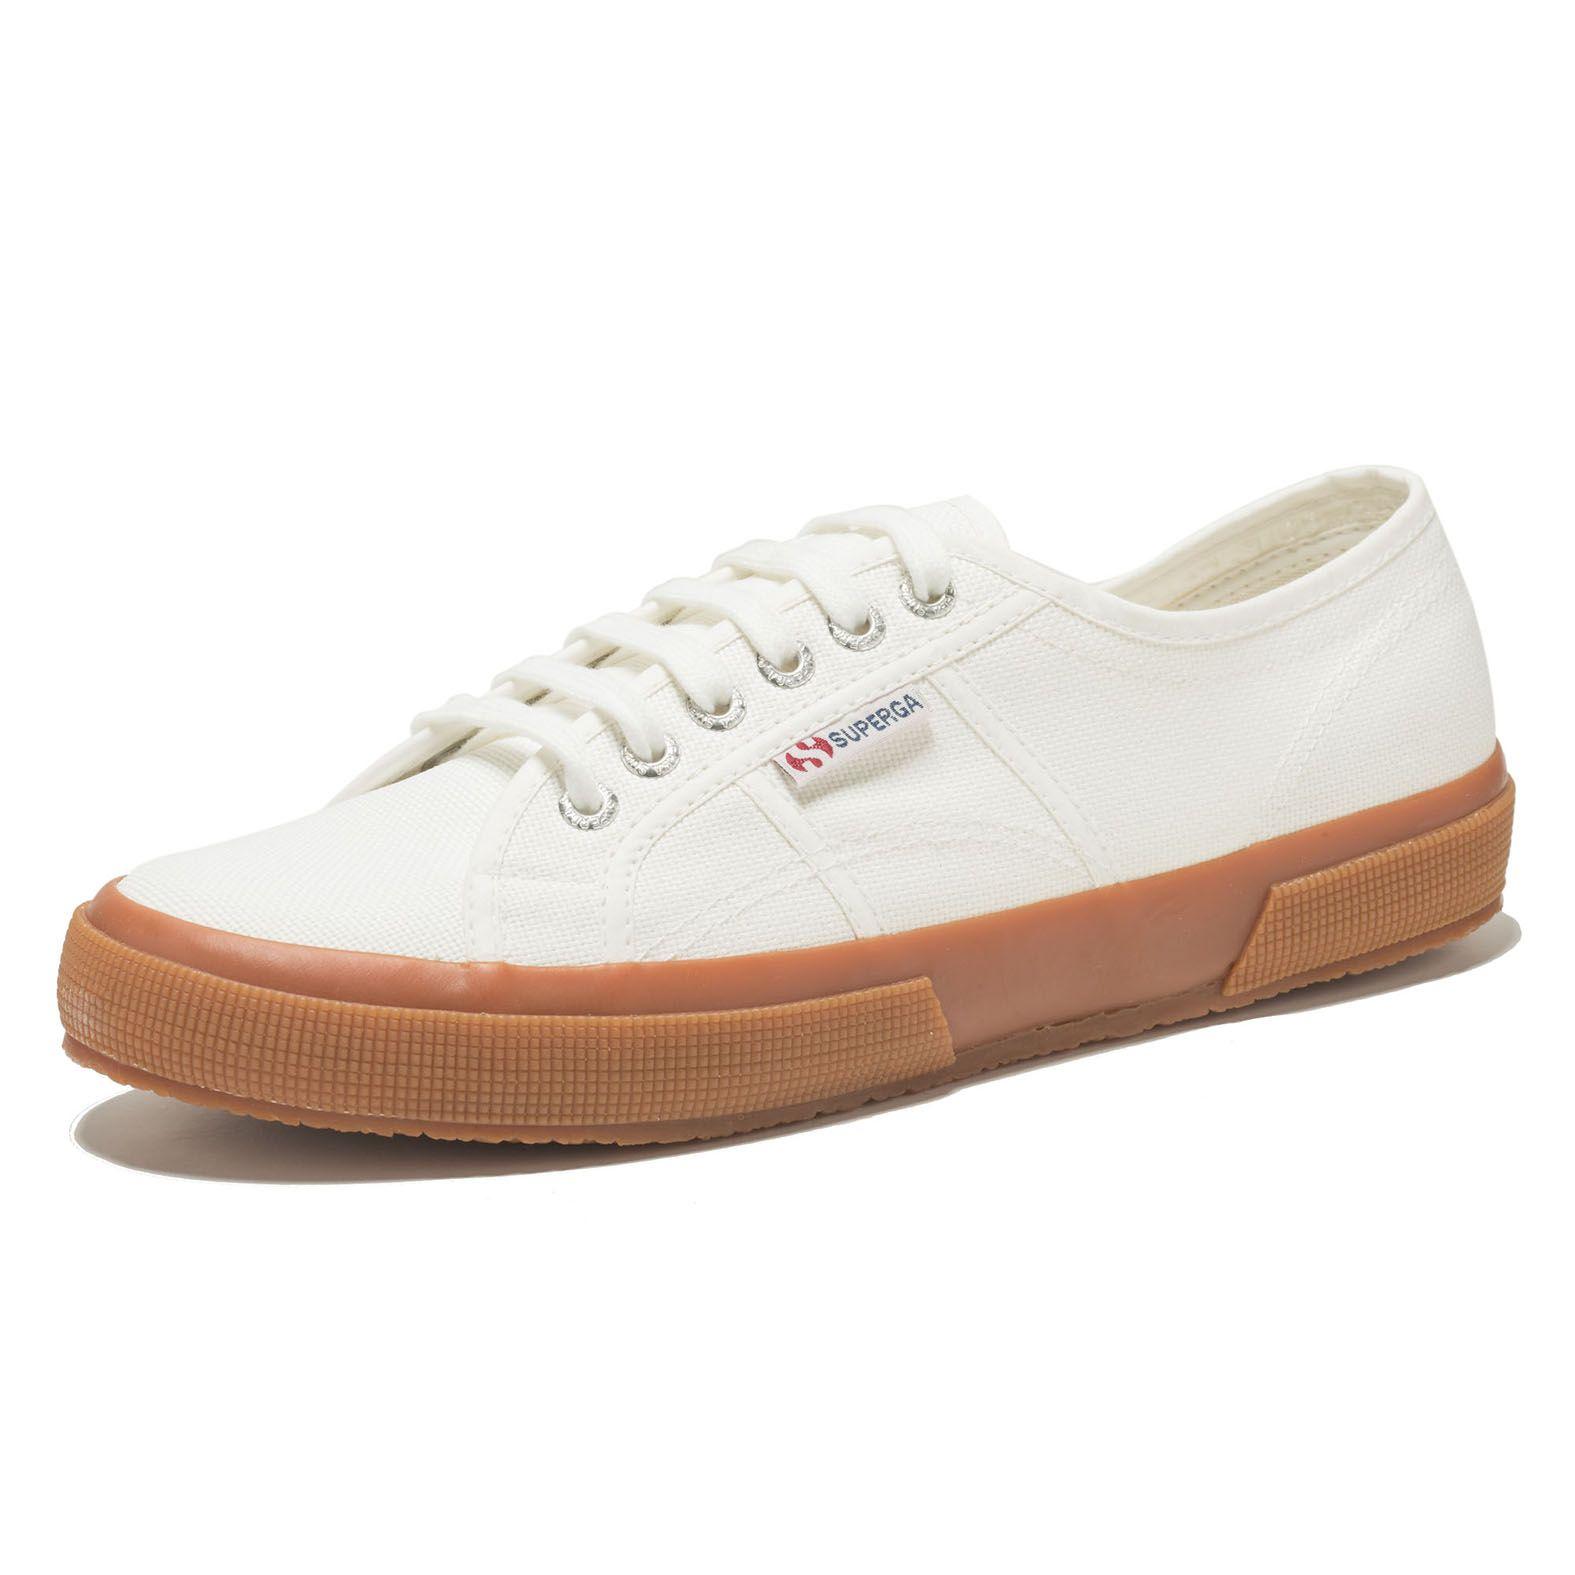 2750 COTU CLASSIC WHITE/GUM